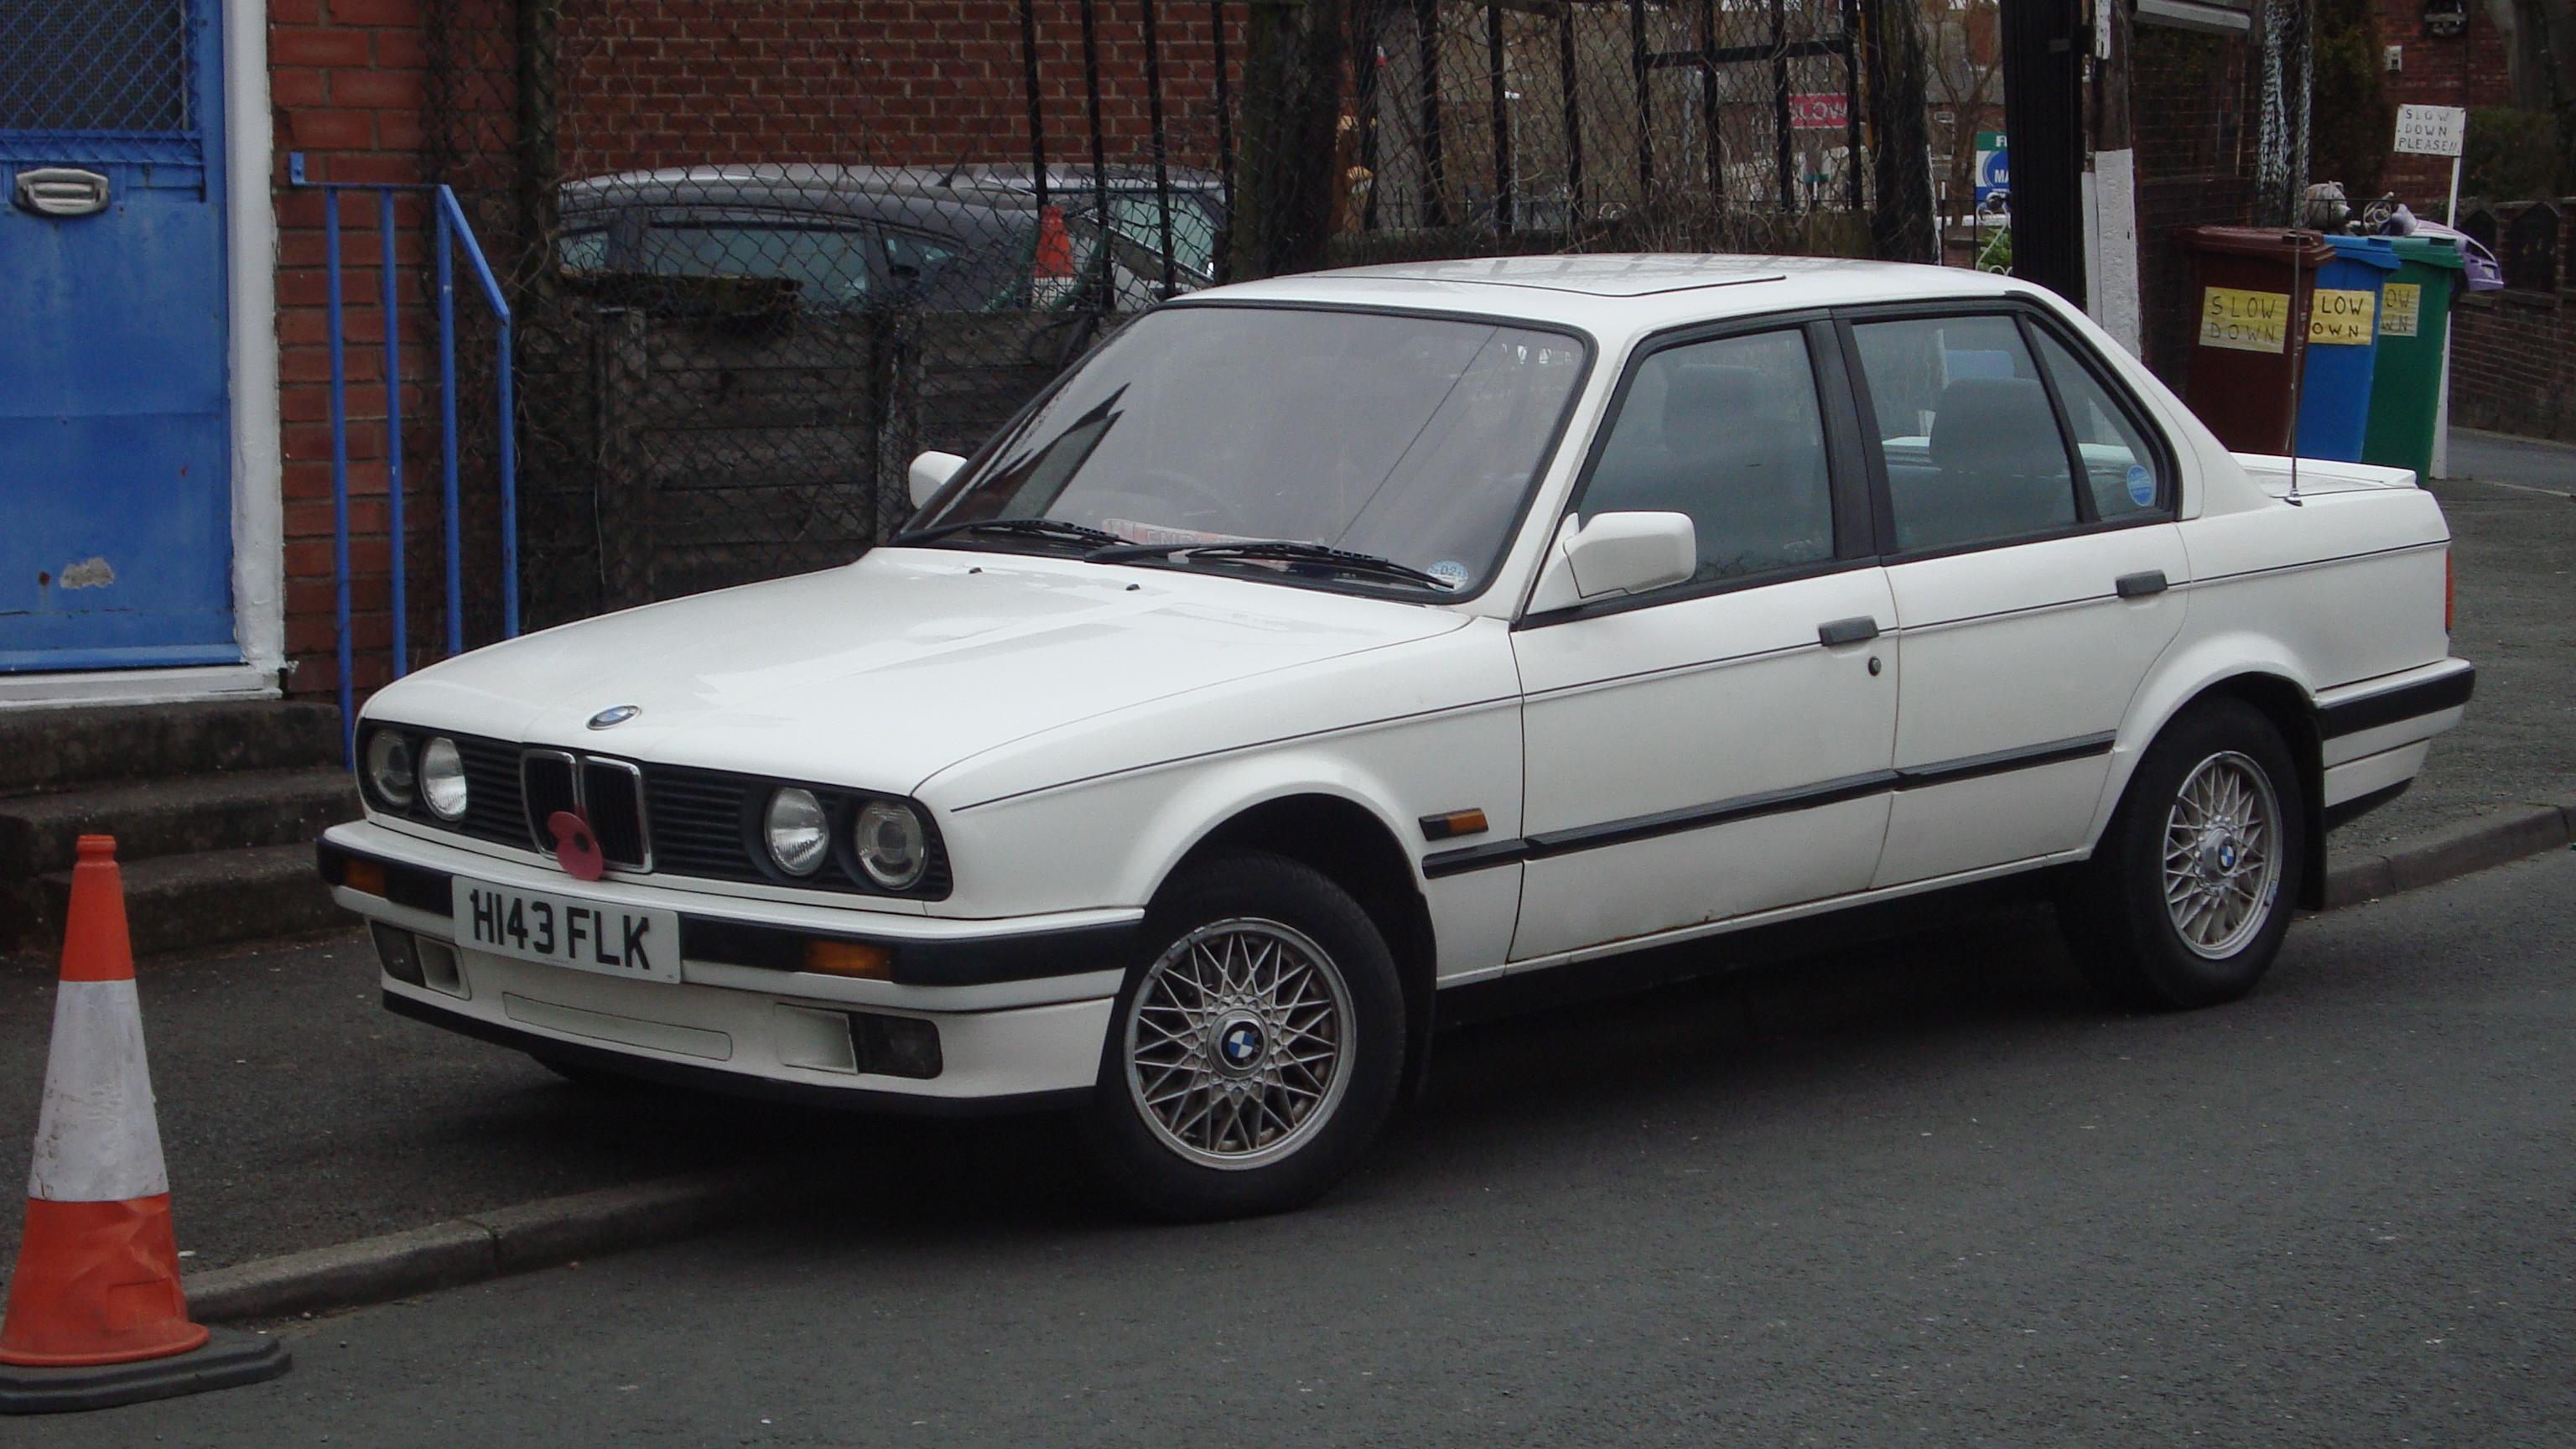 File BMW I Lux Jpg Wikimedia Commons - 1991 bmw